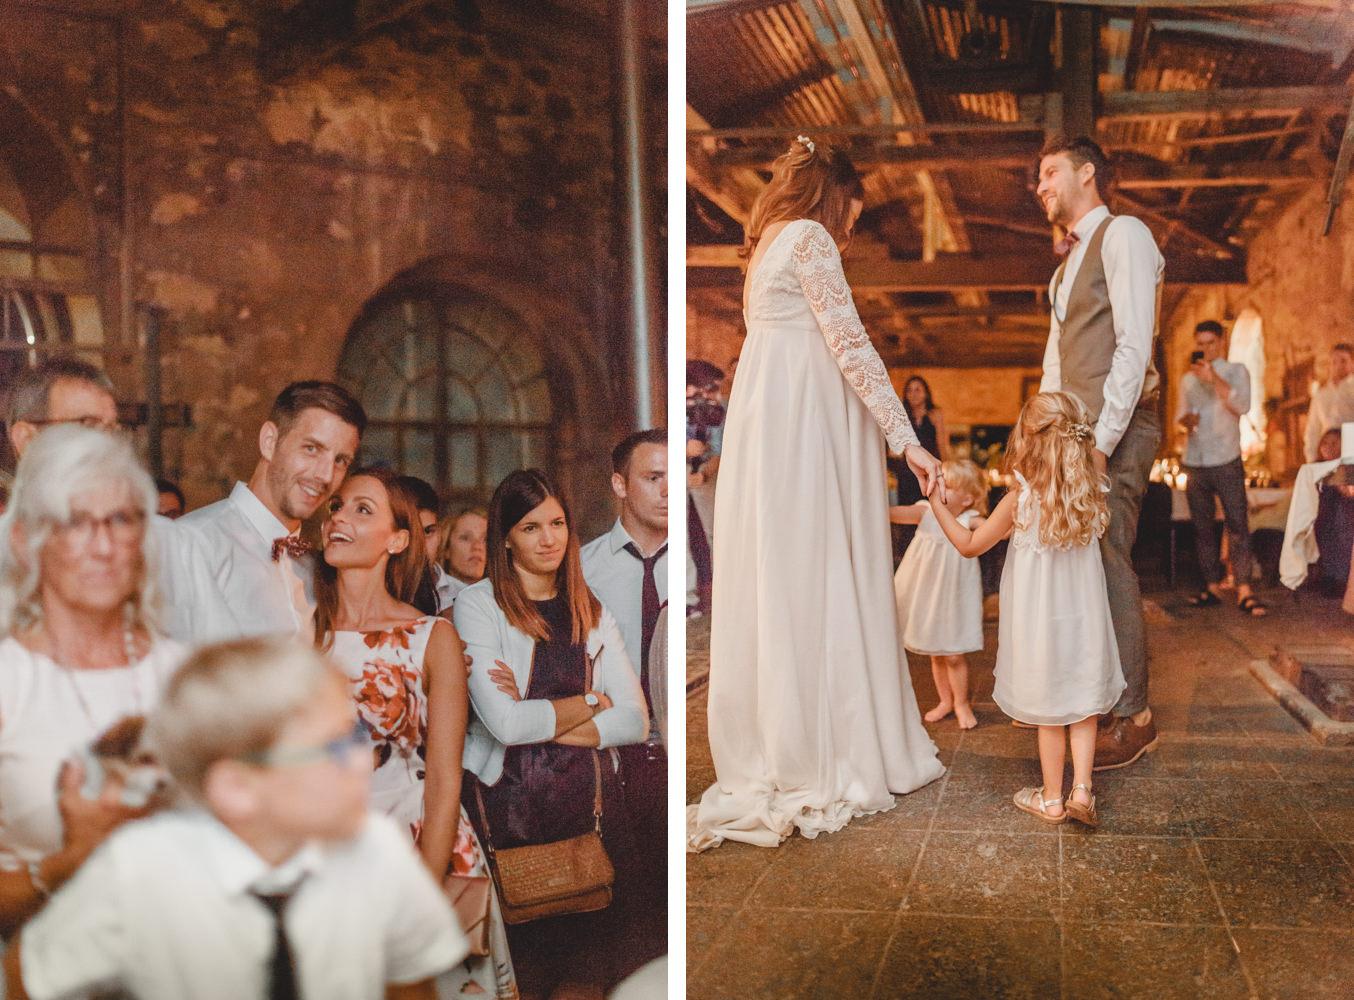 Hochzeitsvideo_Bina_Terre_224154